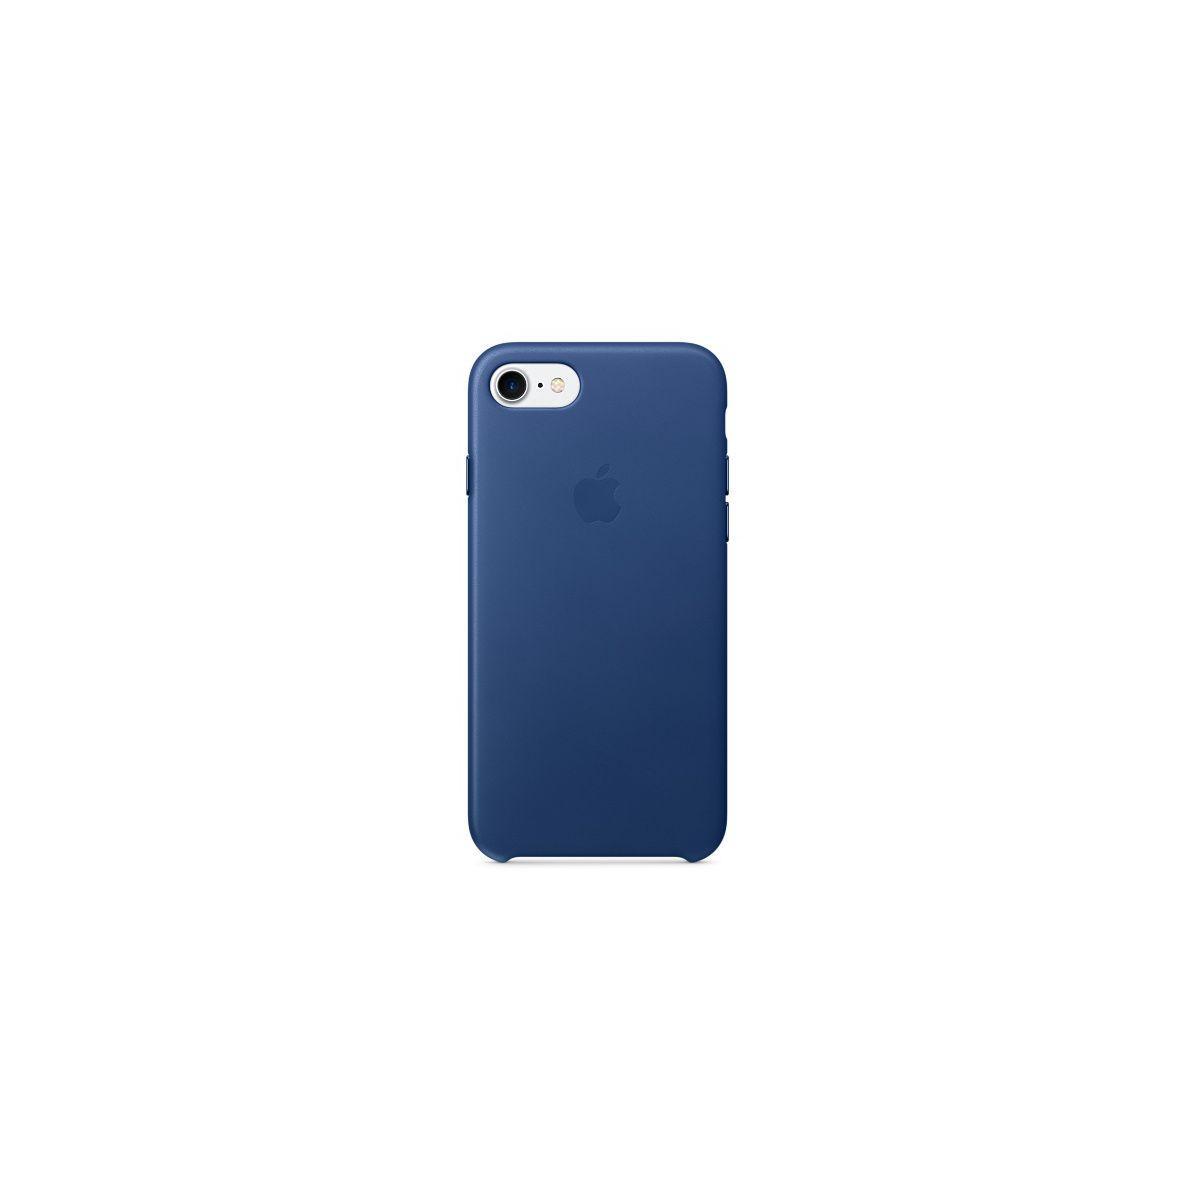 Coque apple iphone 7 cuir saphir (photo)